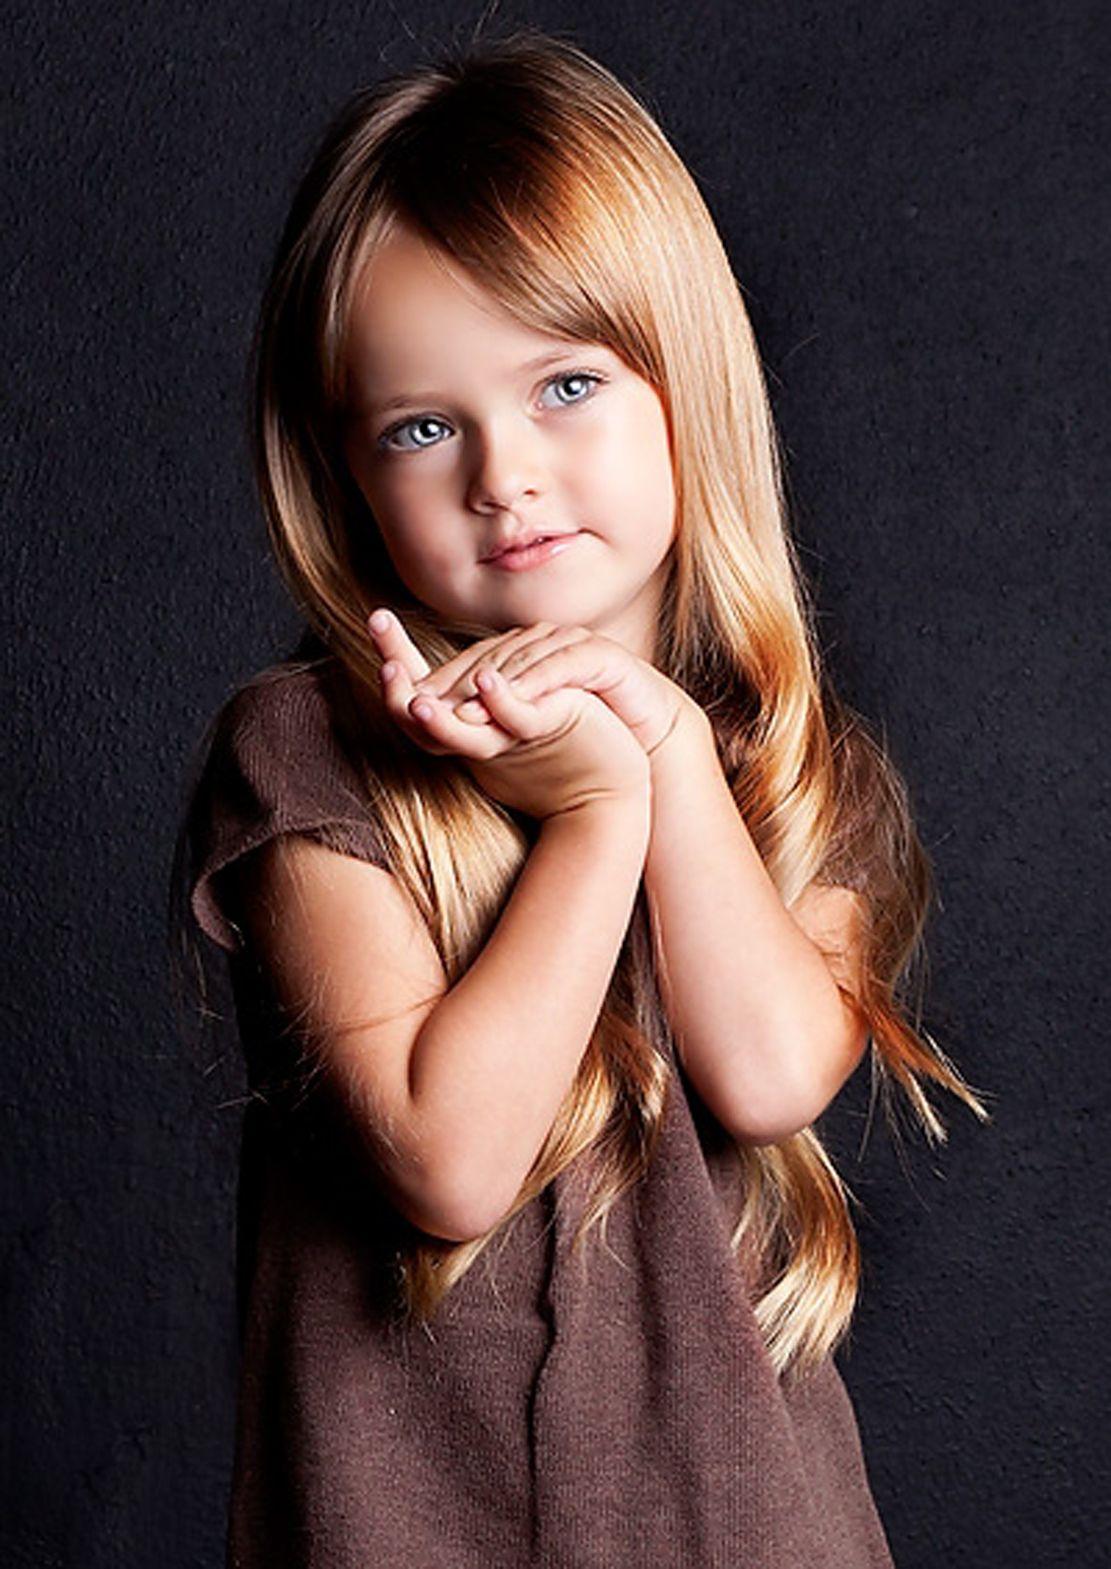 Kristina Pimenova: Kristina Pimenova Pretty Girl Gorgeous